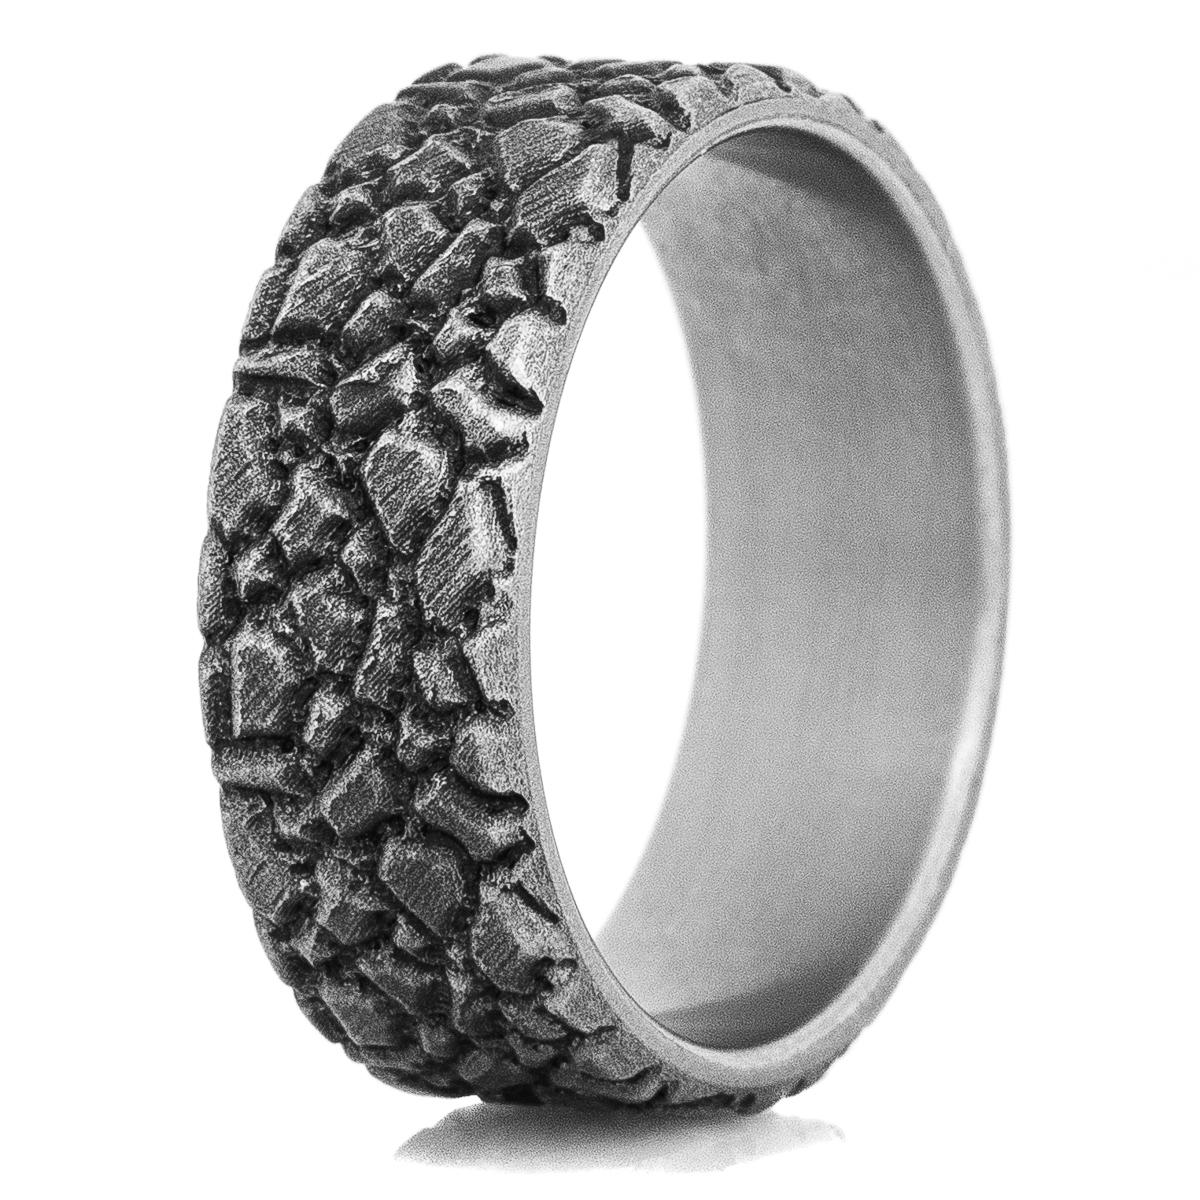 The Mission Titanium Ring